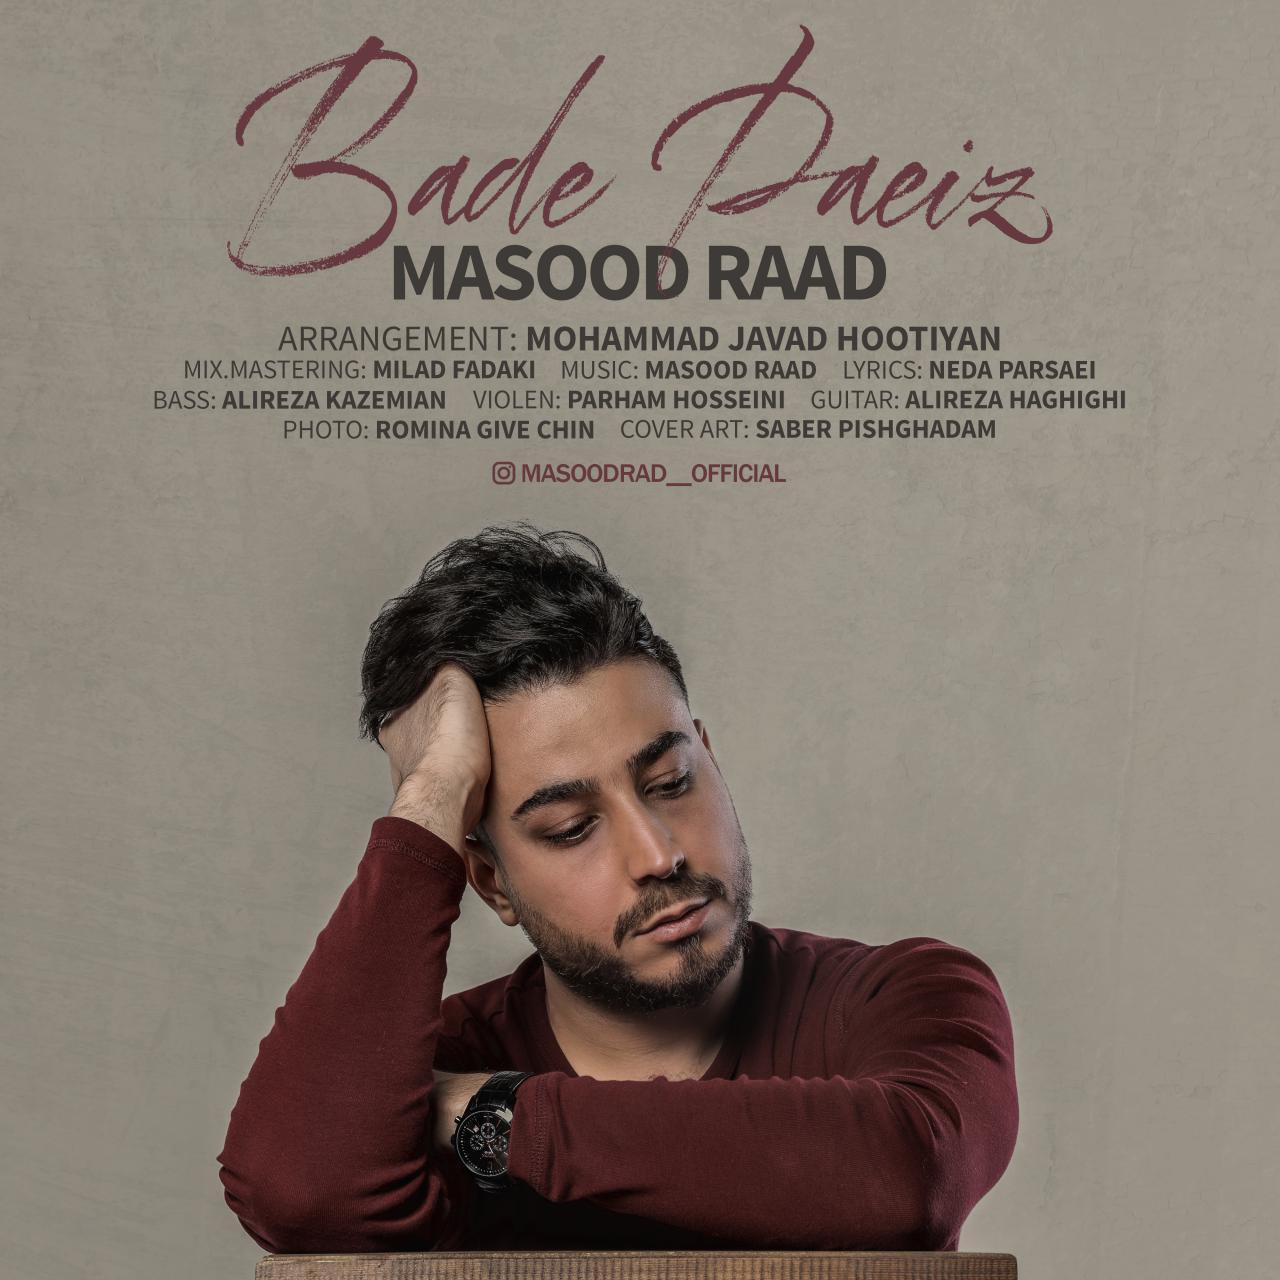 دانلود آهنگ جدید مسعود راد به نام باد پاییز